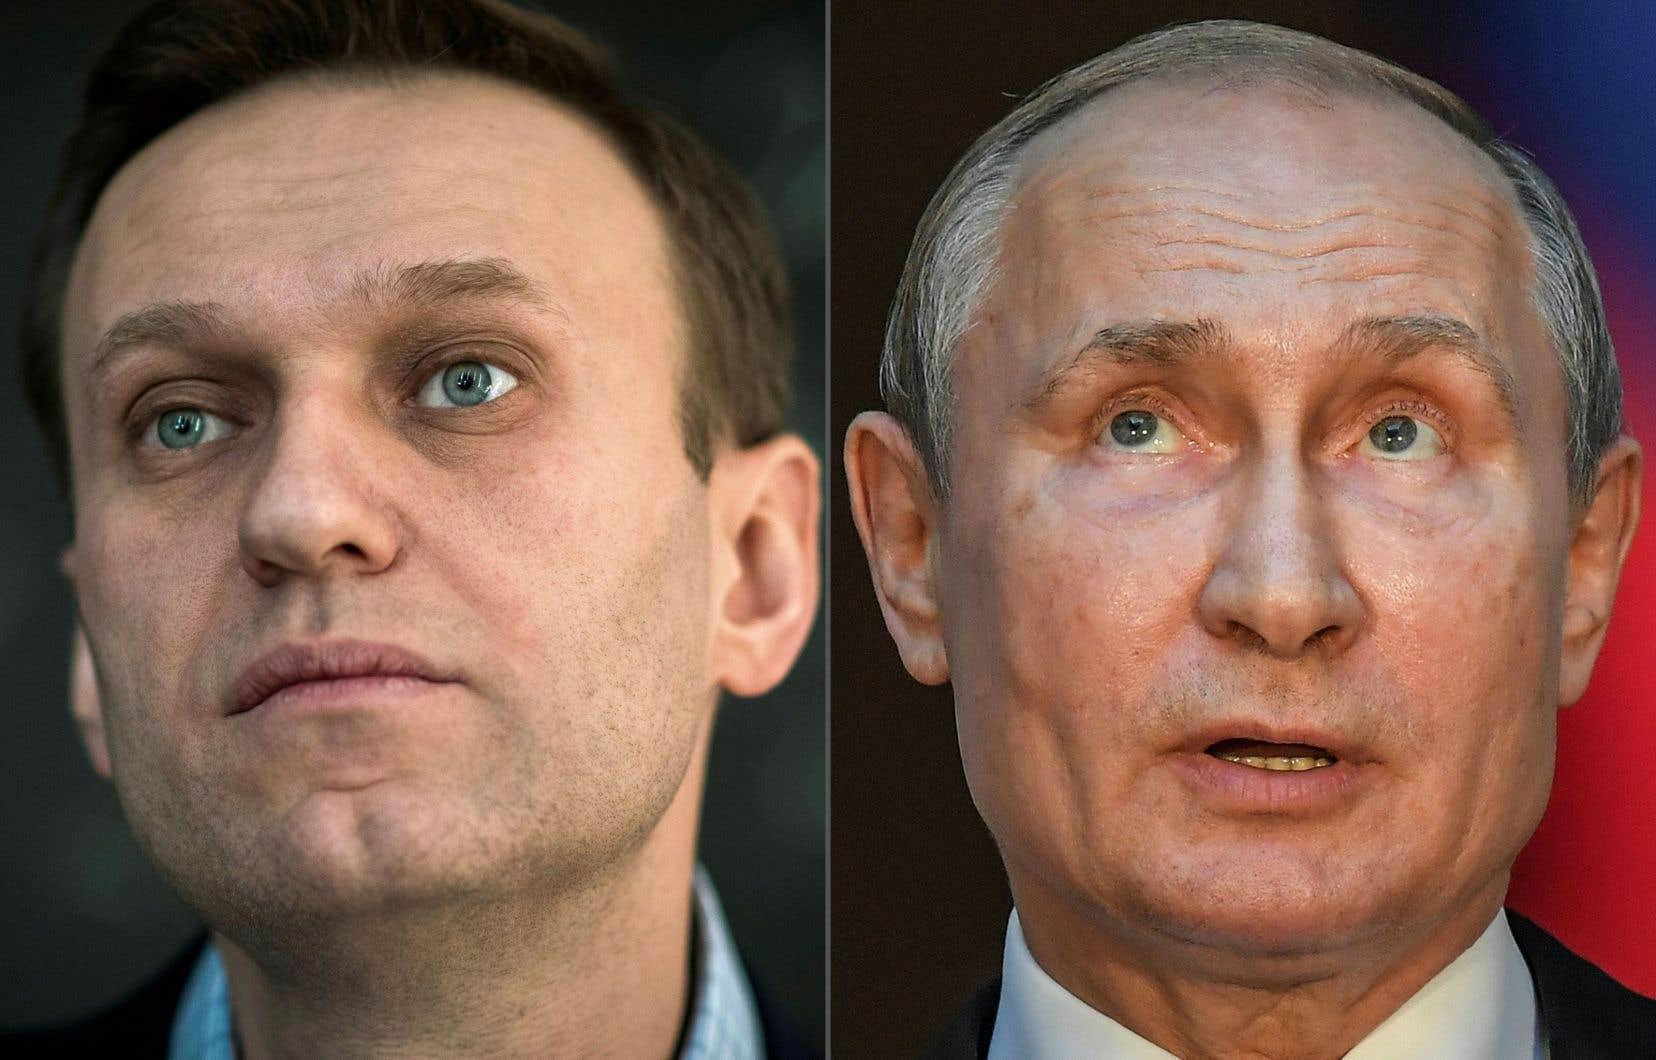 «J'affirme que Poutine est derrière cet acte, je ne vois pas d'autres explications», a affirmé Alexeï Navalny à l'hebdomadaire allemand<em>Der Spiegel</em>.